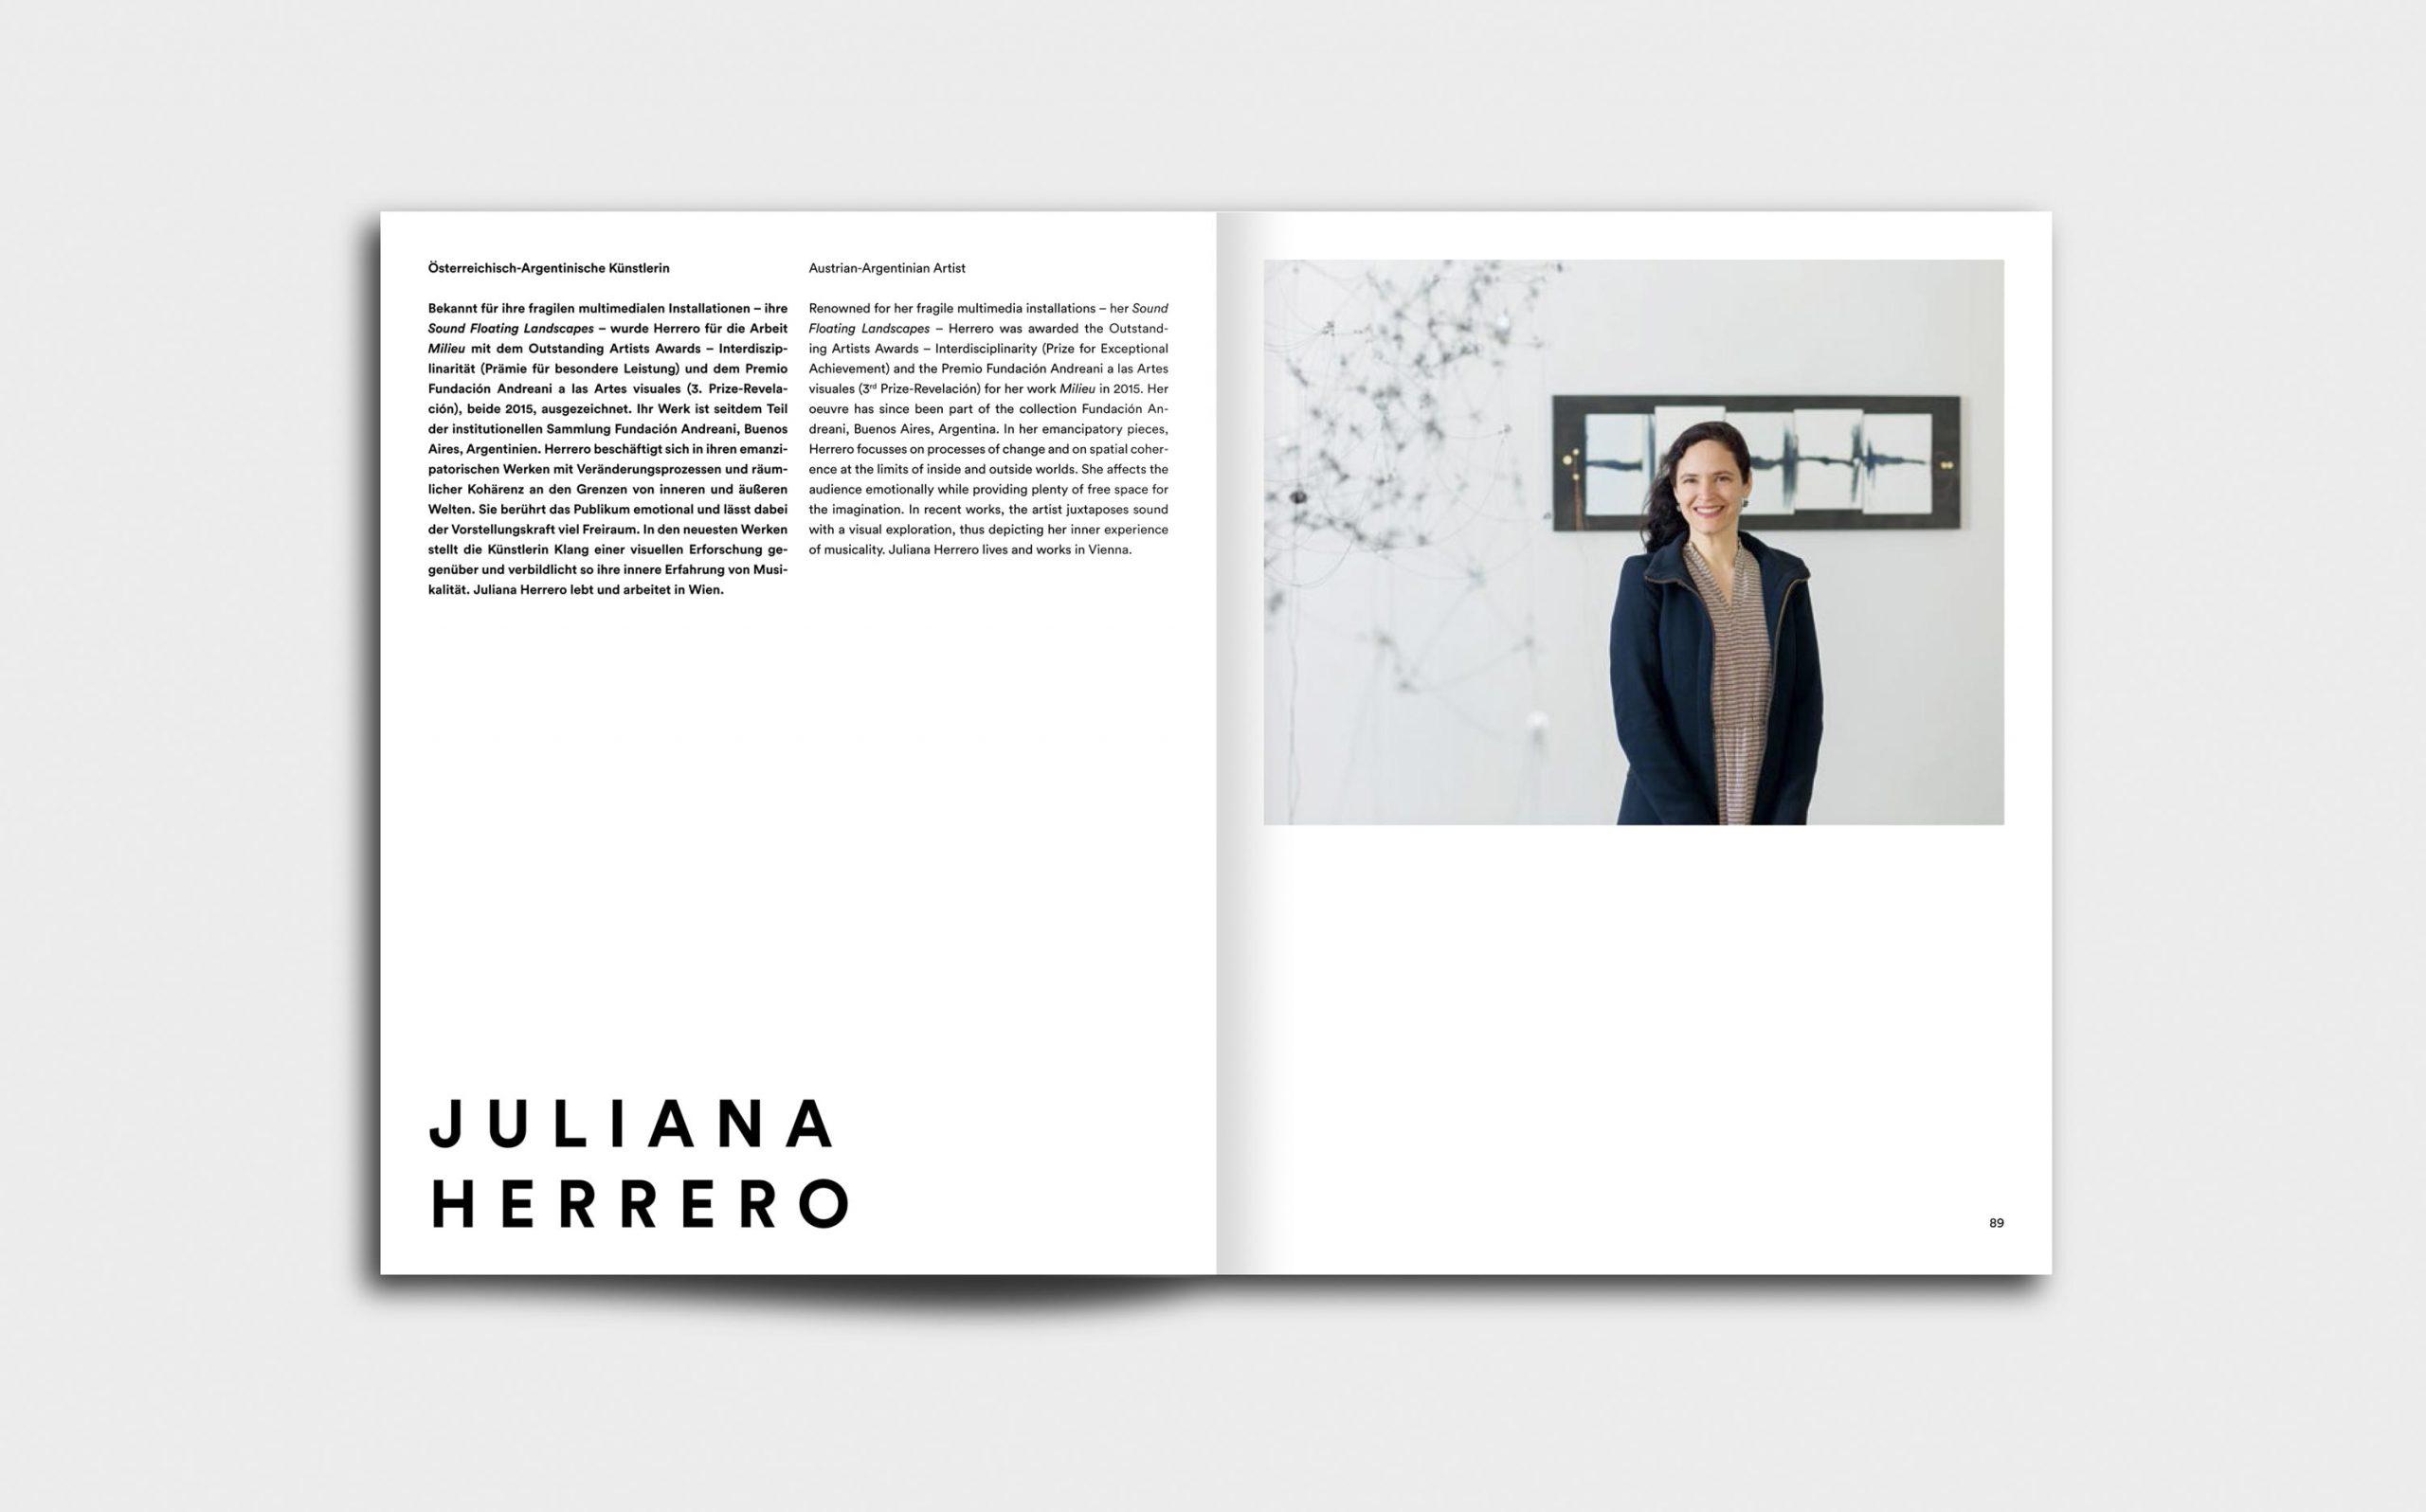 Juliana Herrero – REM 1:1 | Künstlerportrait und CV | Keywords: Editorial Design, Artist Book, Künstlerbuch, Buchgestaltung, Grafikdesign, Design, Typografie